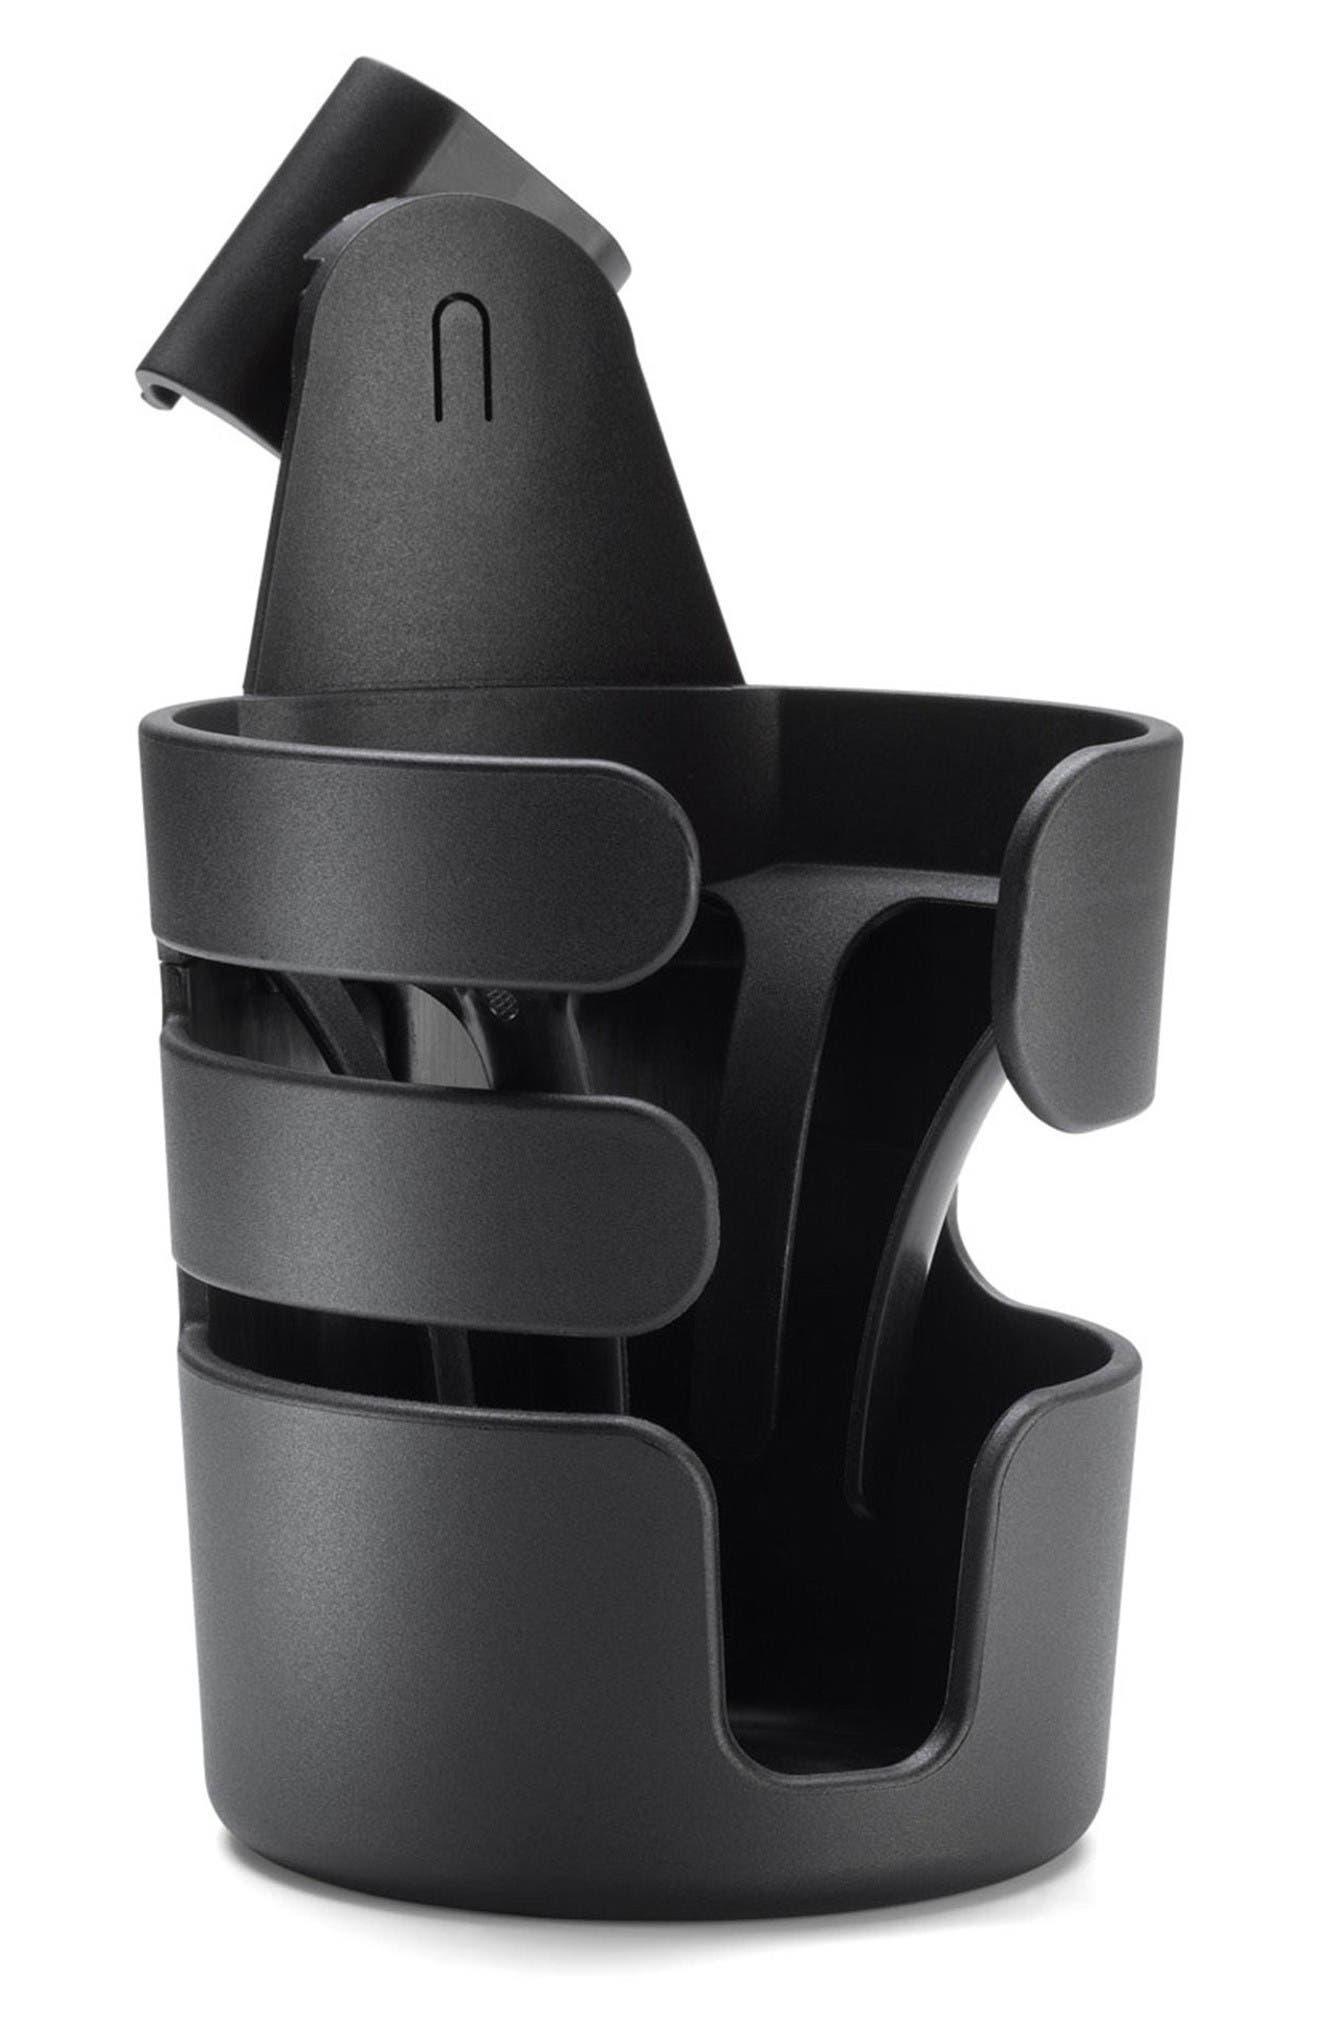 Stroller Cup Holder,                             Alternate thumbnail 2, color,                             Black